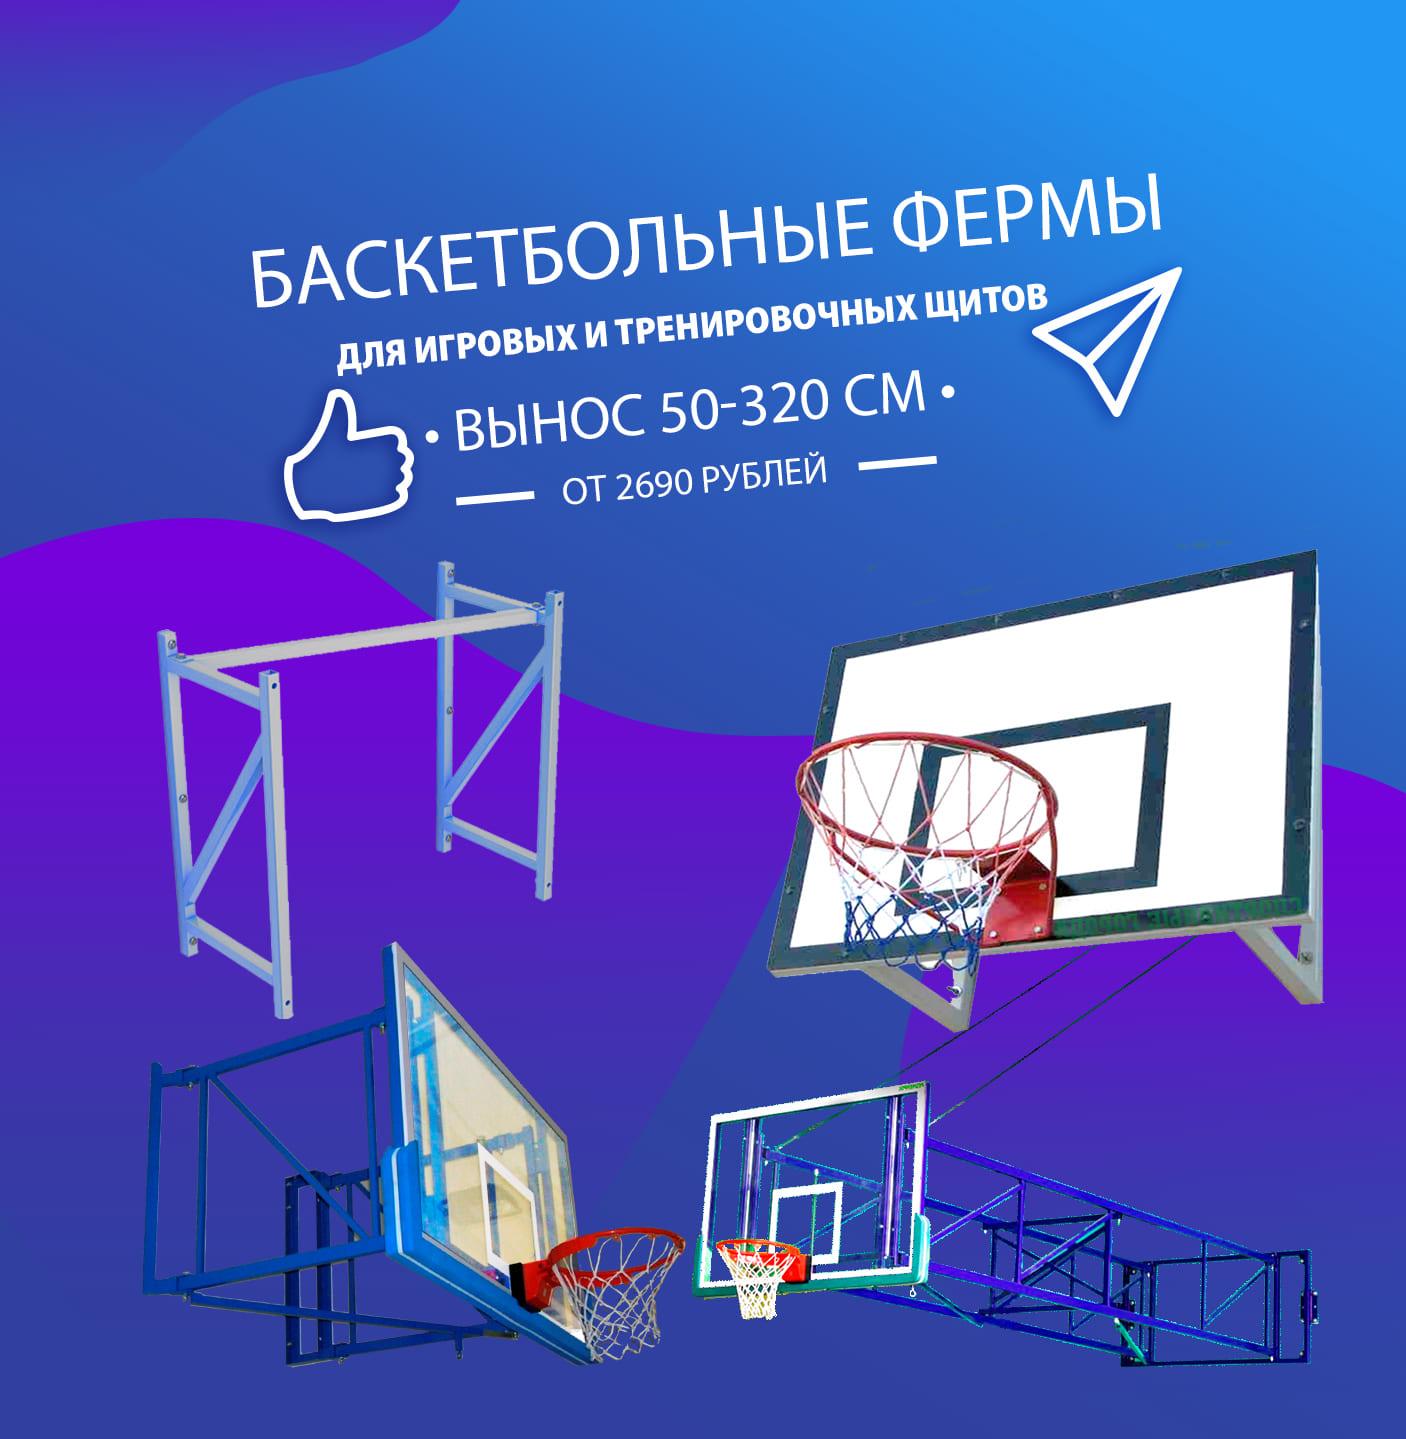 Расширение ассортимента: фермы для баскетбольных щитов фото